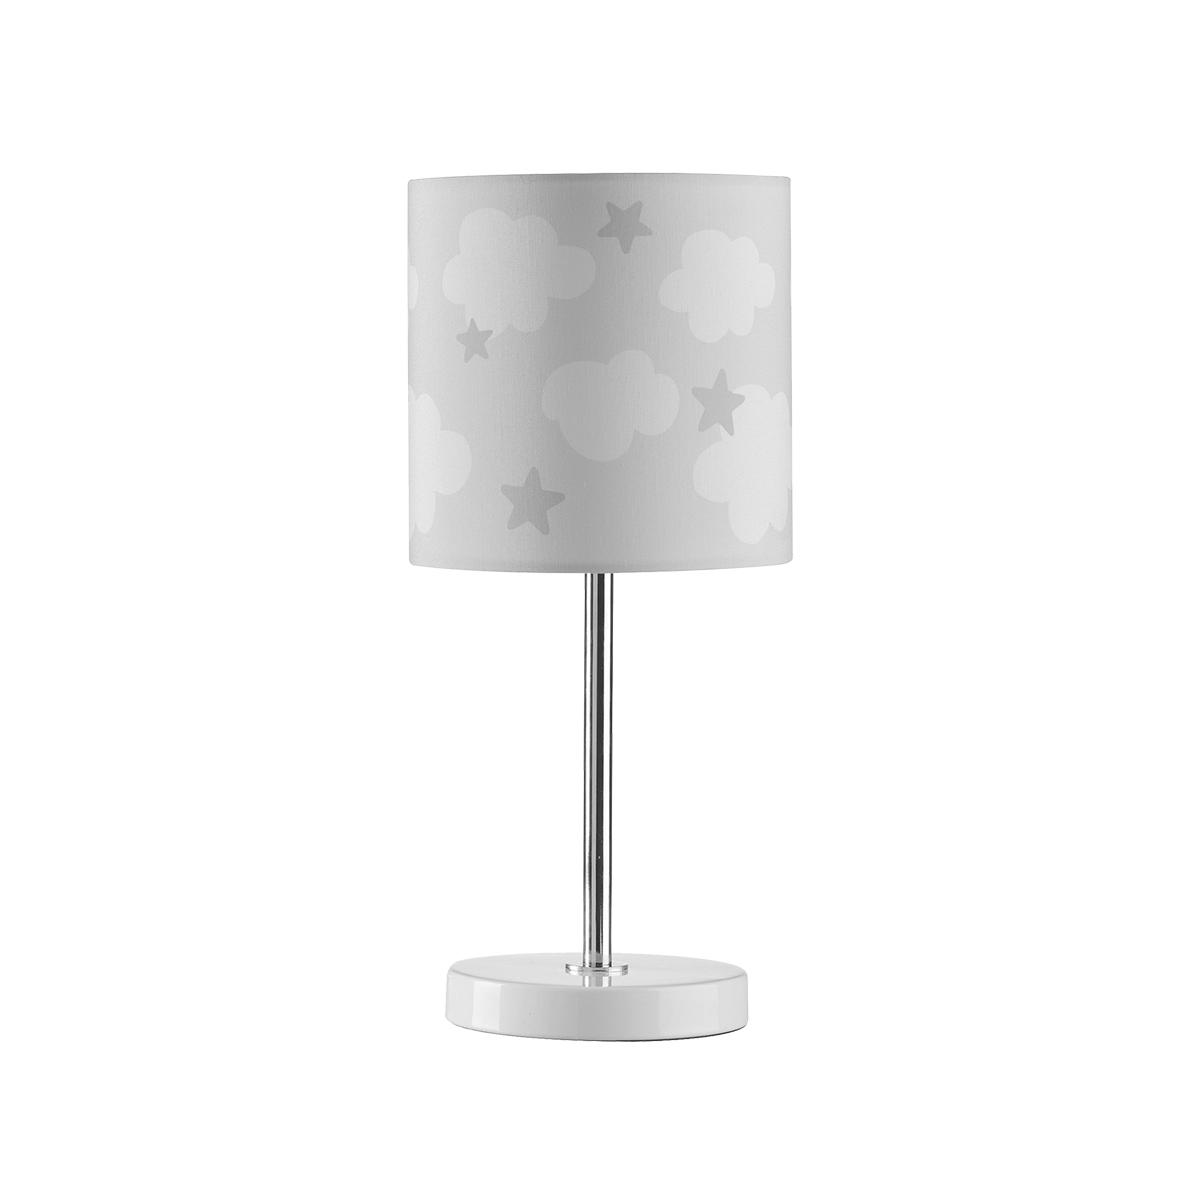 Billede af Kids Concept bordlampe - Star - Grå